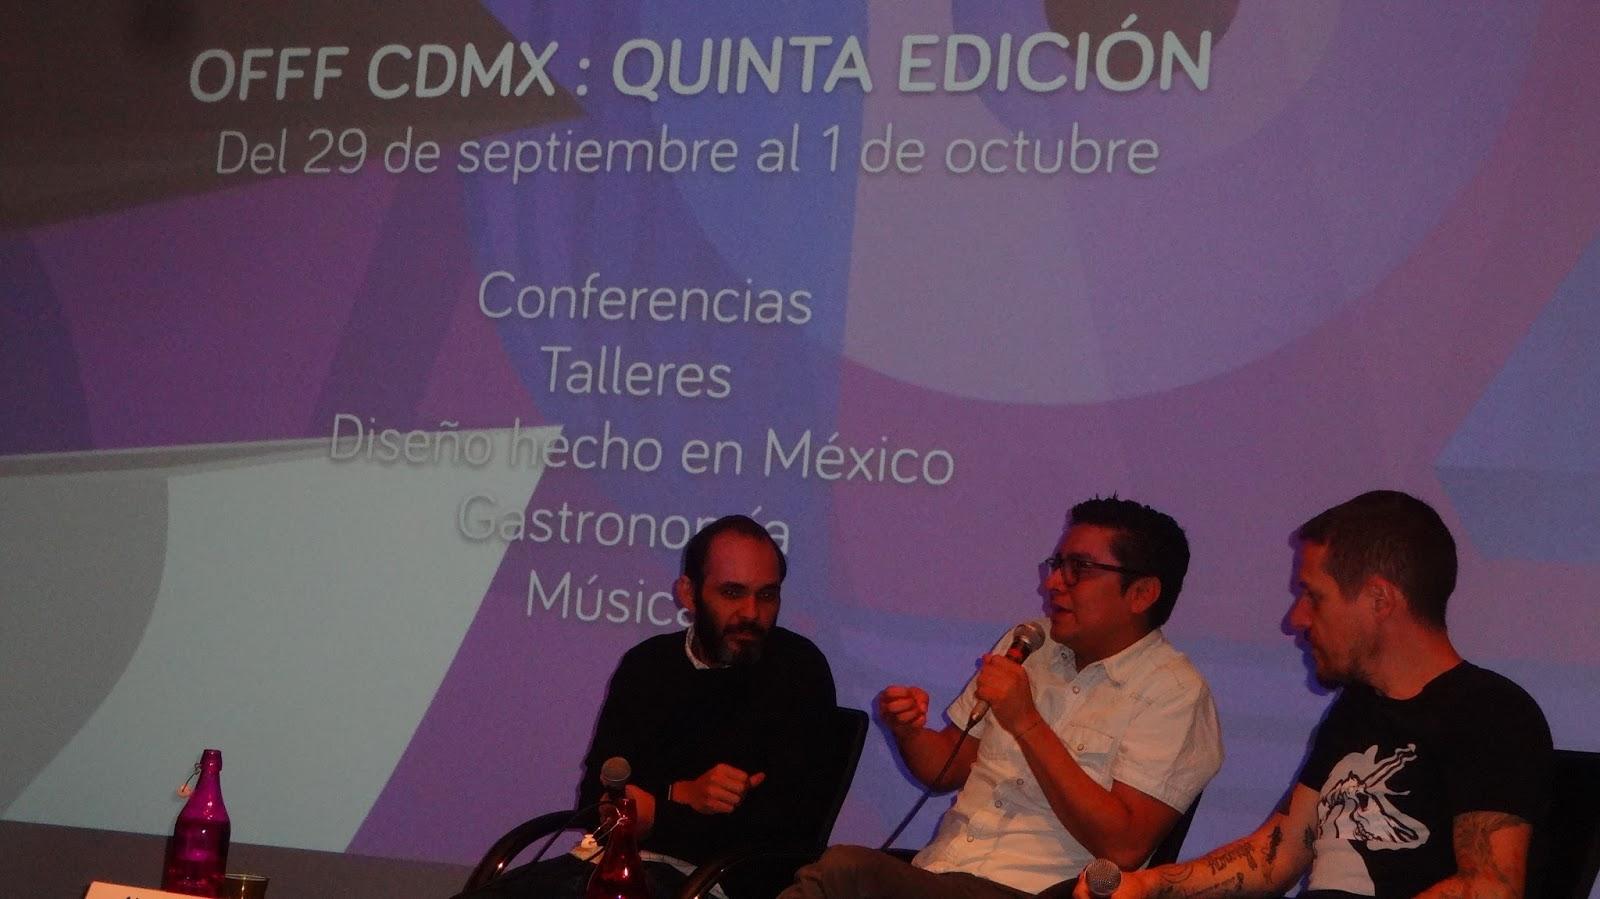 CULTURA Y ESPECTÁCULOS: OFF CDMX 2016; festival de arte, diseño y ...